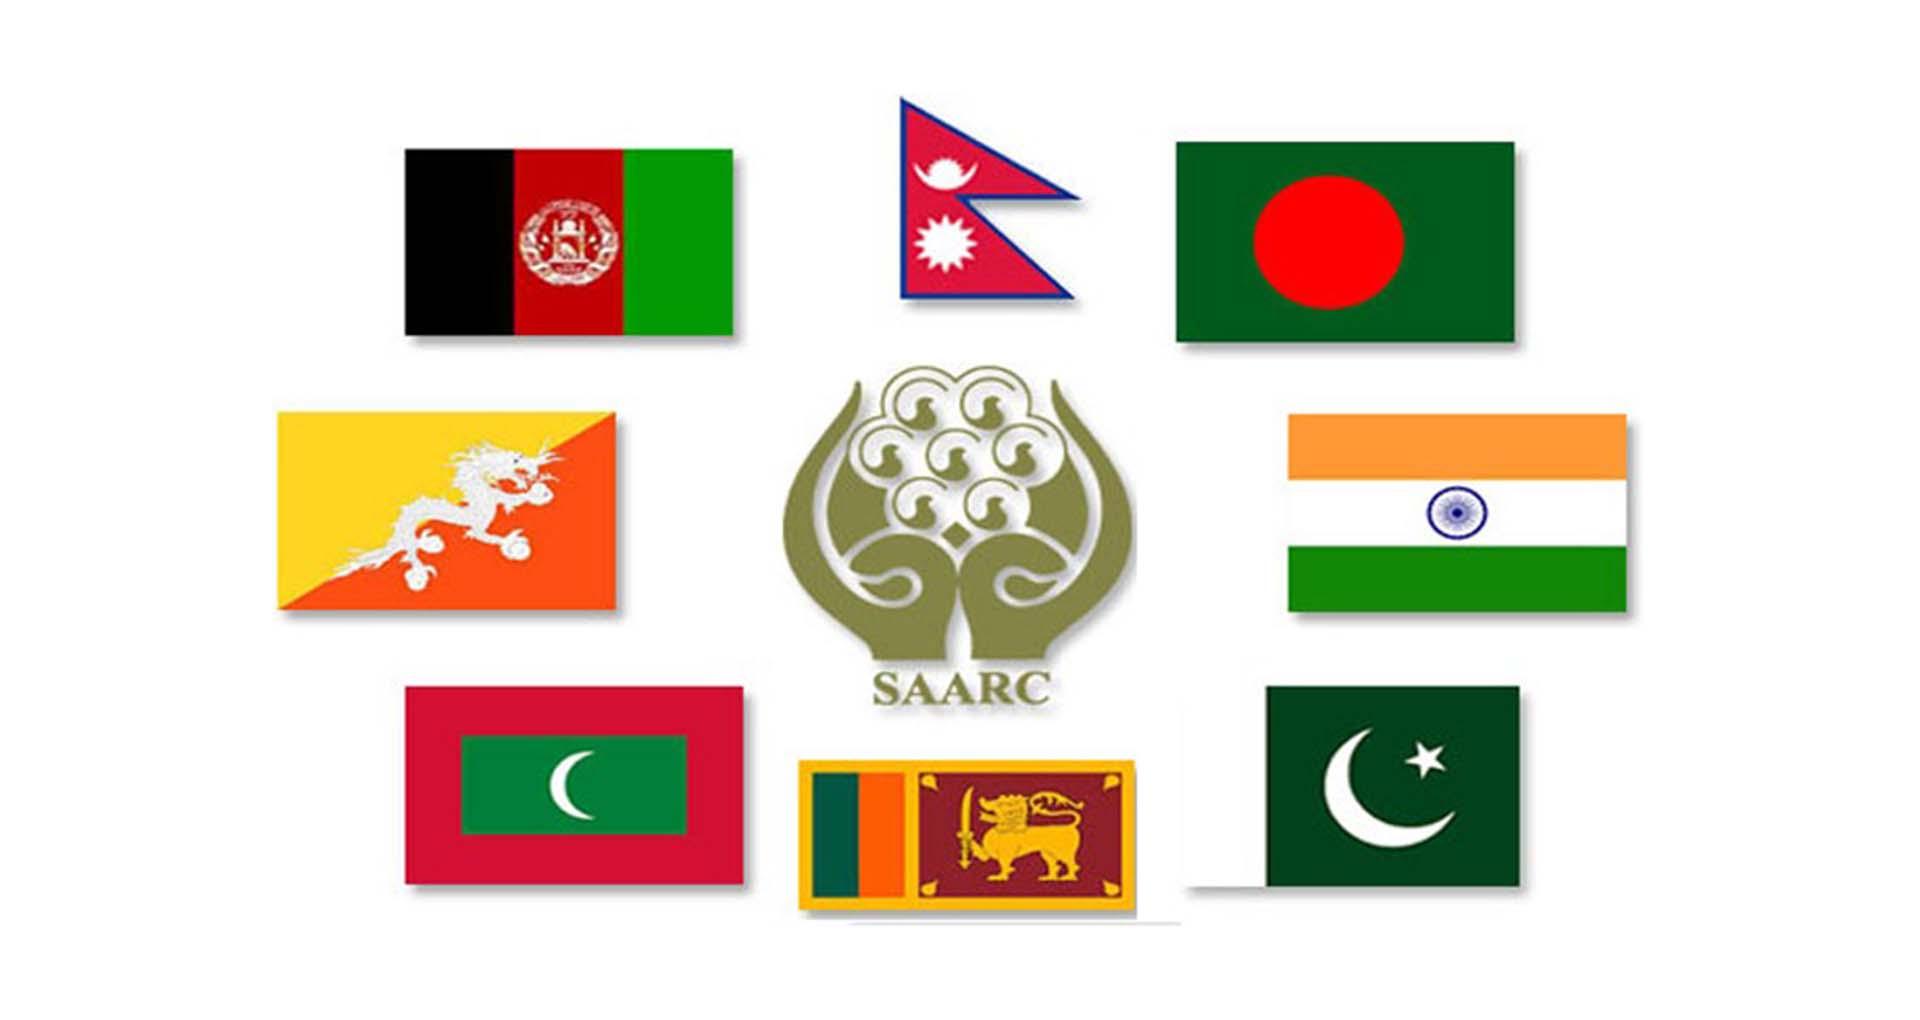 আফগান ইস্যুতে সাউথ এশিয়ান সার্কভুক্ত দেশগুলোর বৈঠক বাতিল